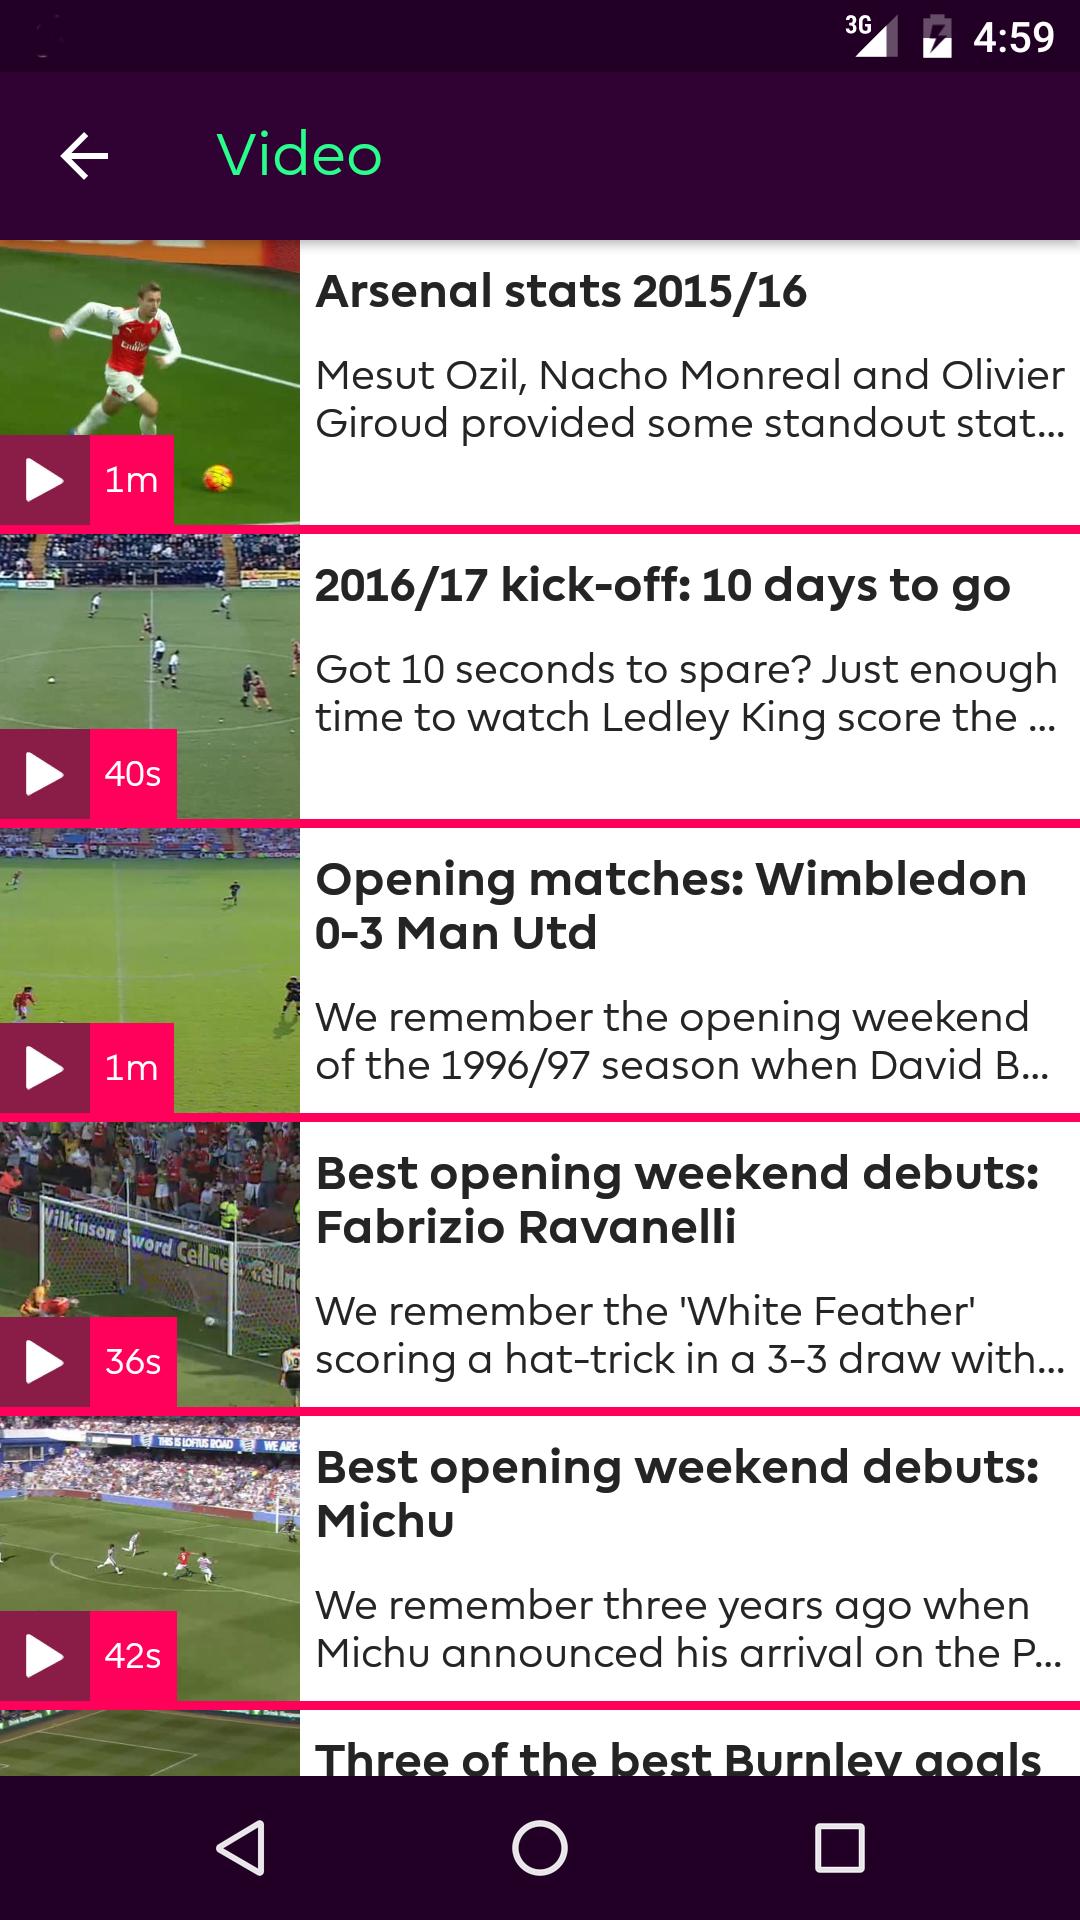 Premier League - Official App - Import It All